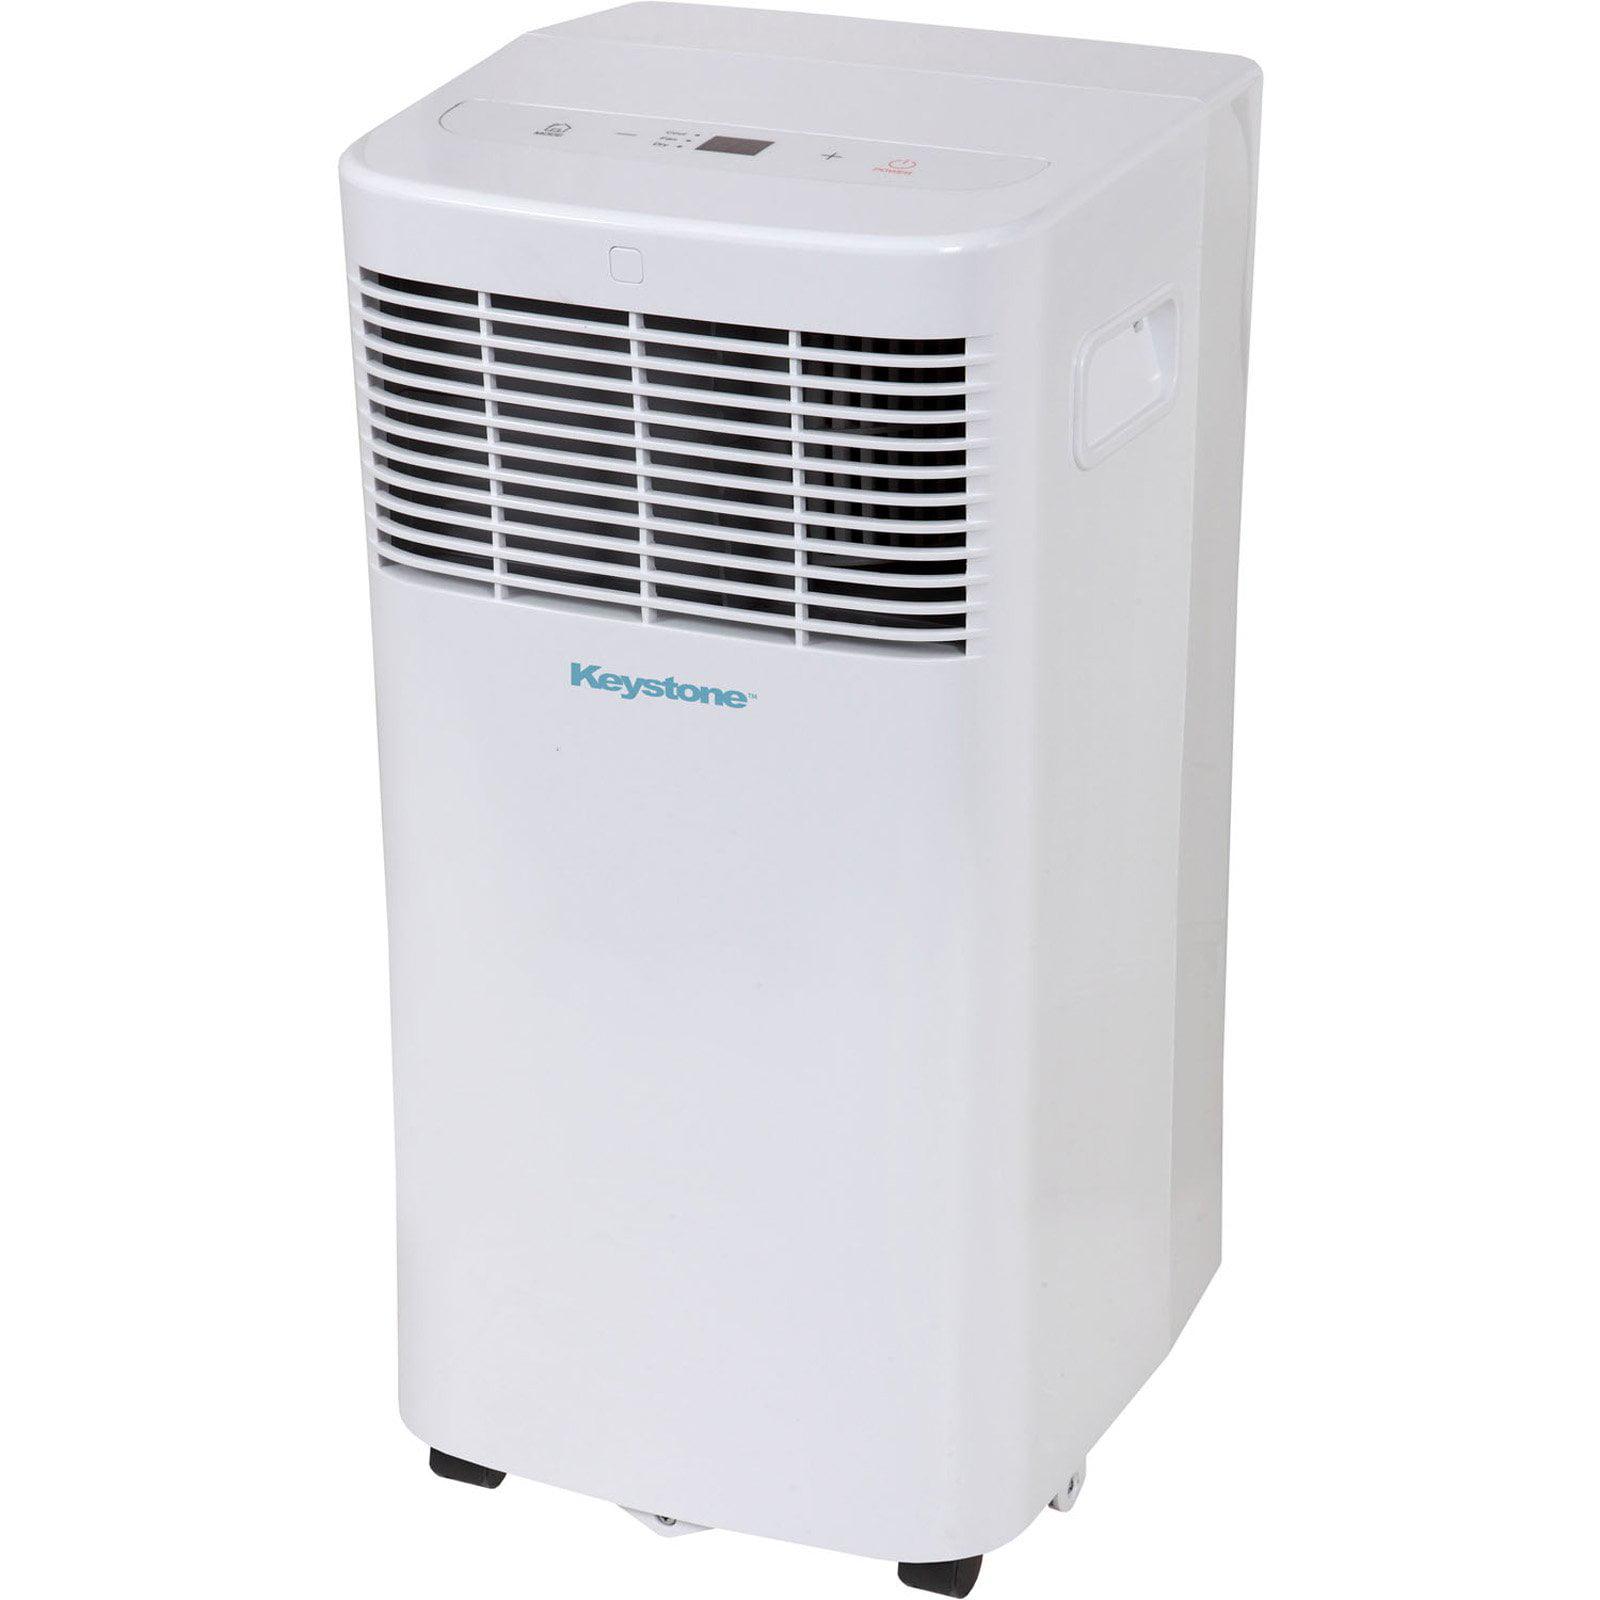 Soleus air conditioner 8000 btu manual